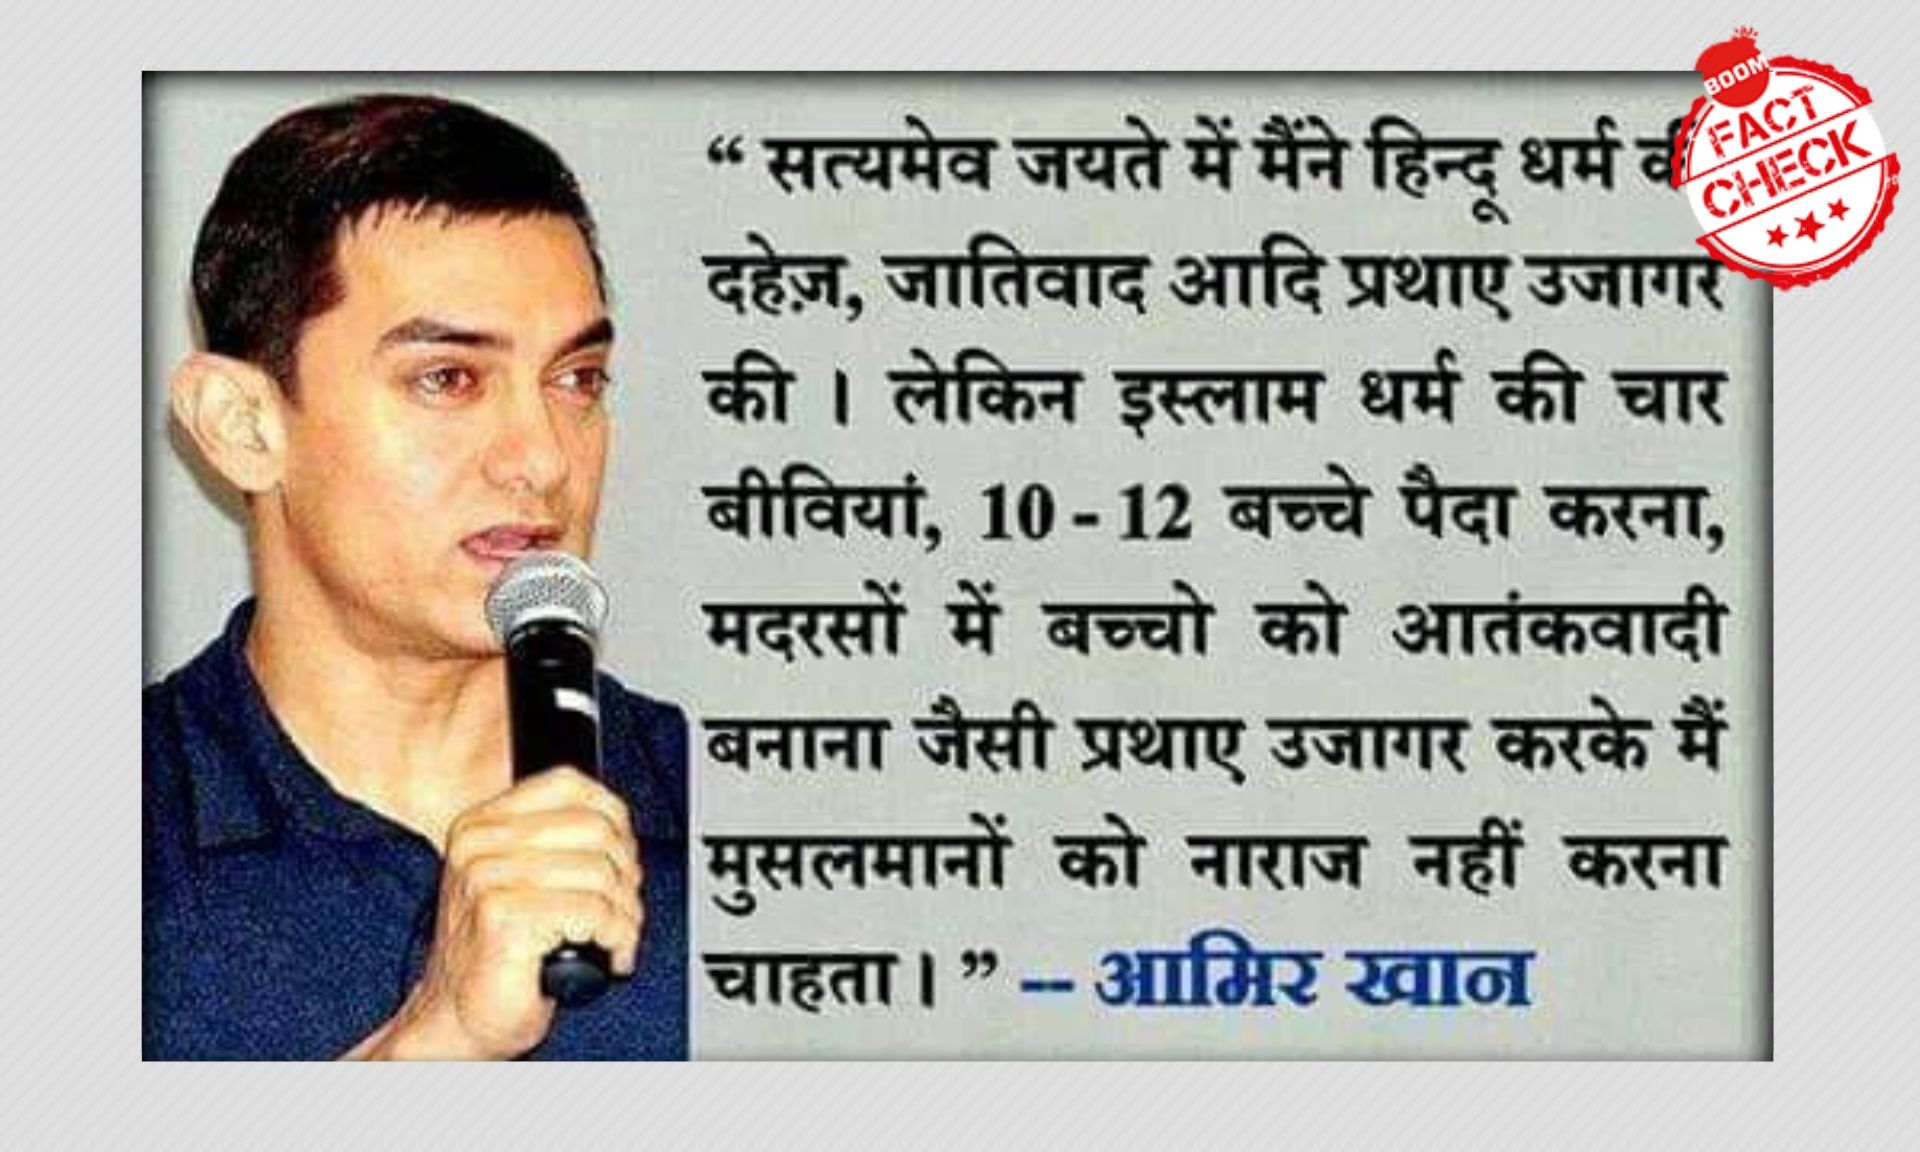 आमिर खान के नाम से फिर वायरल हुआ एक फ़र्ज़ी बयान